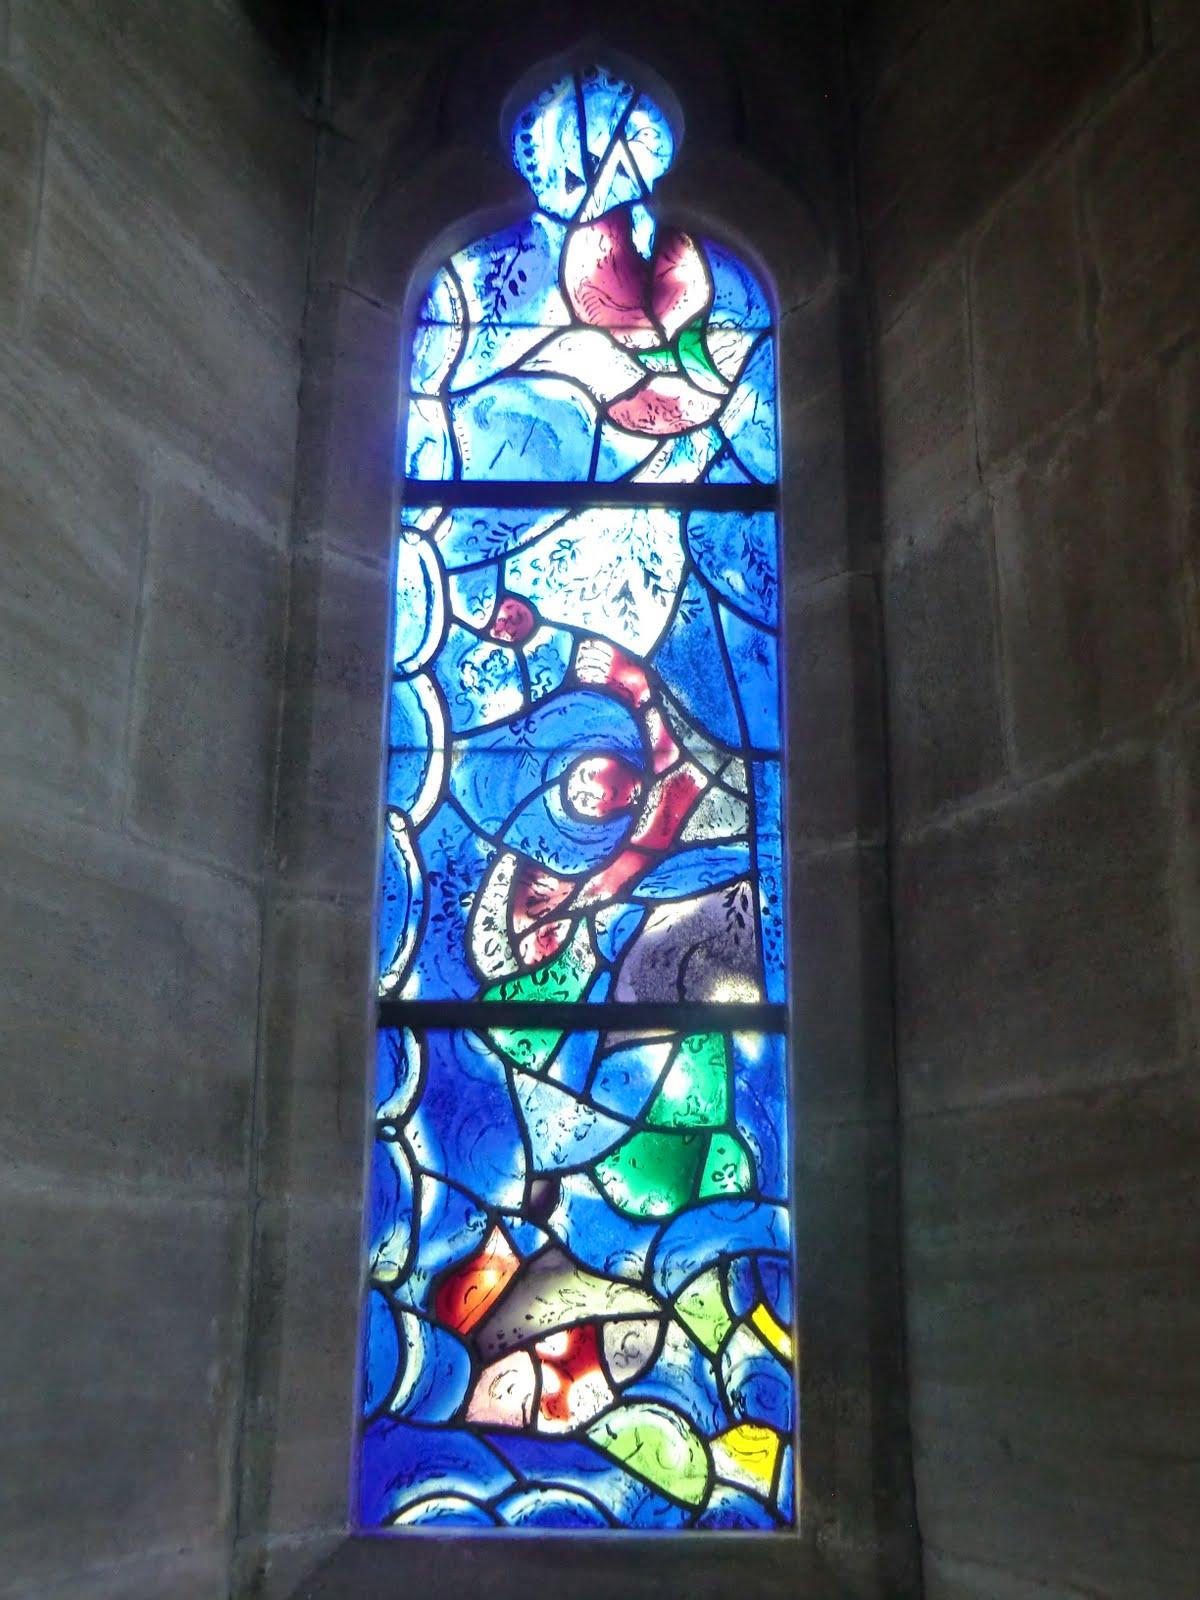 CIMG1565 Chagall window #7, All Saints church